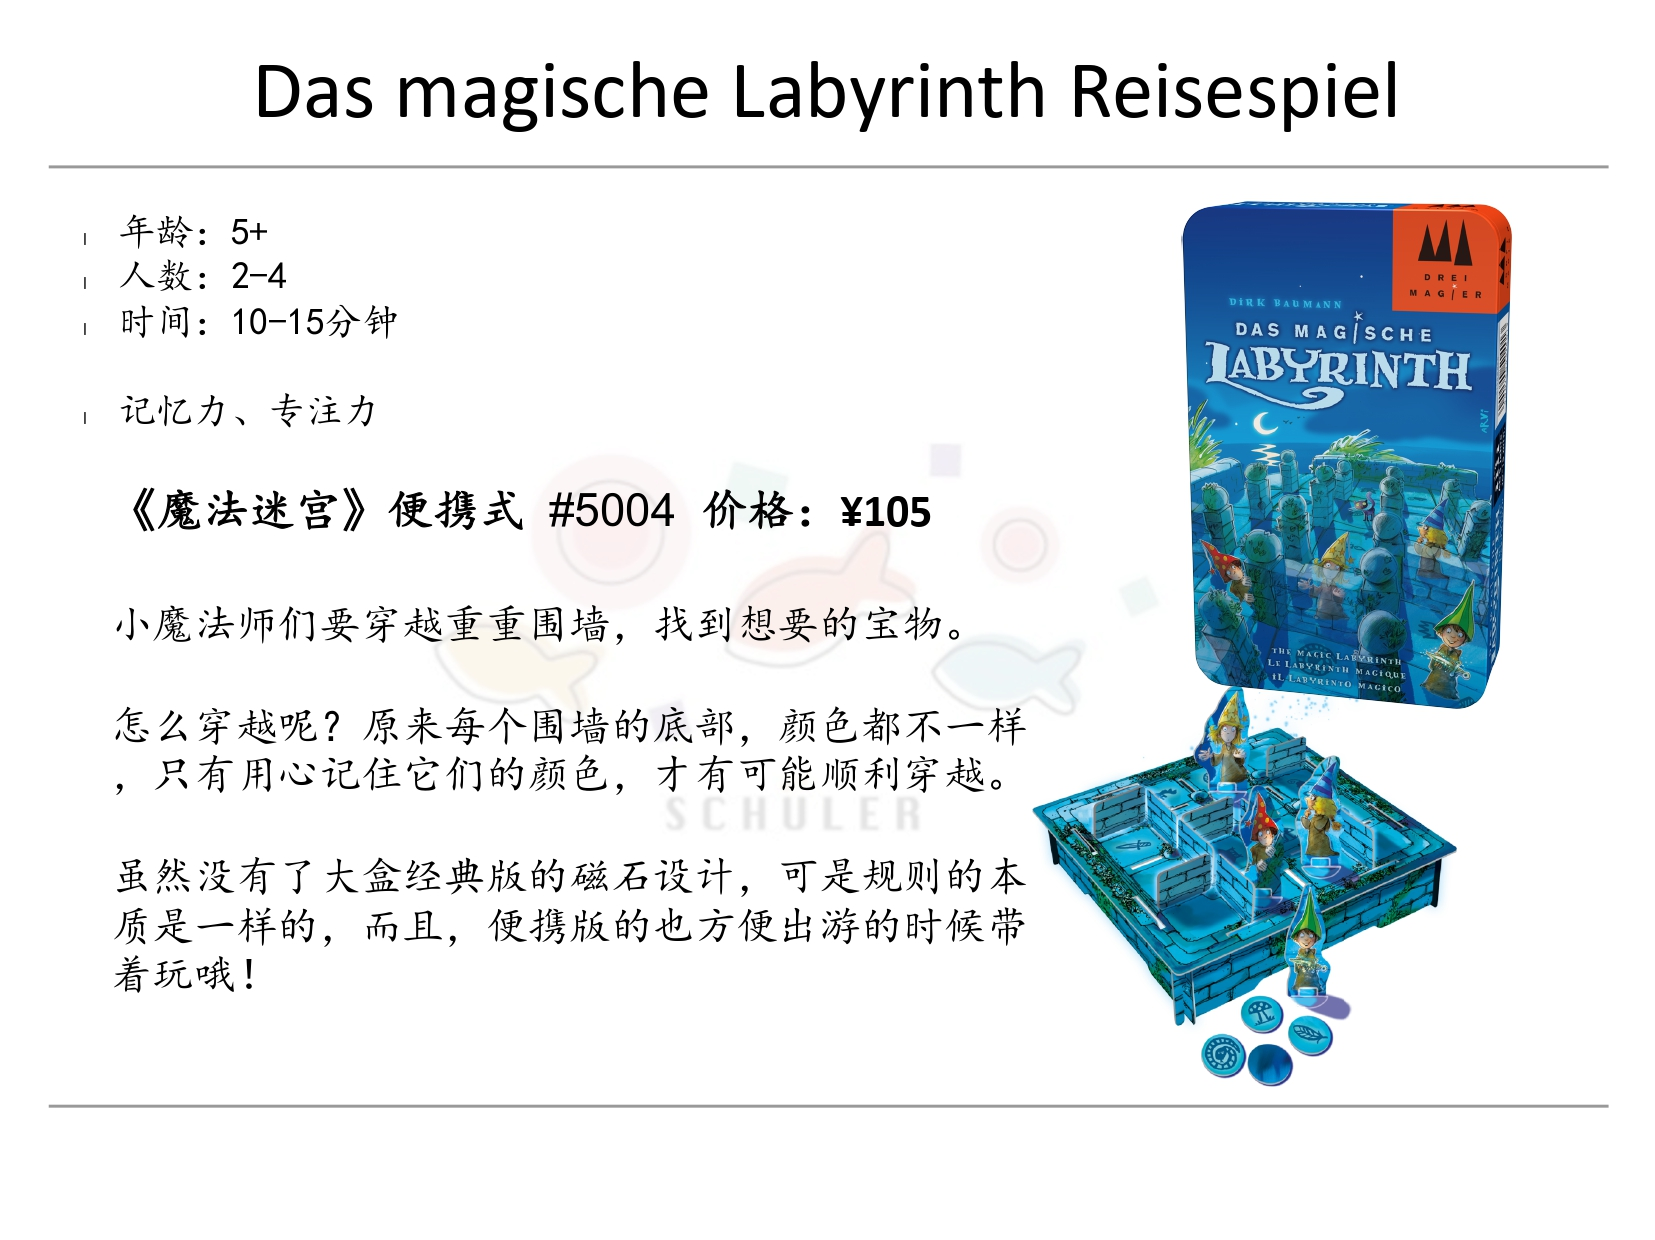 Das magische Labyrinth Reisespiel 魔法迷宫便携版